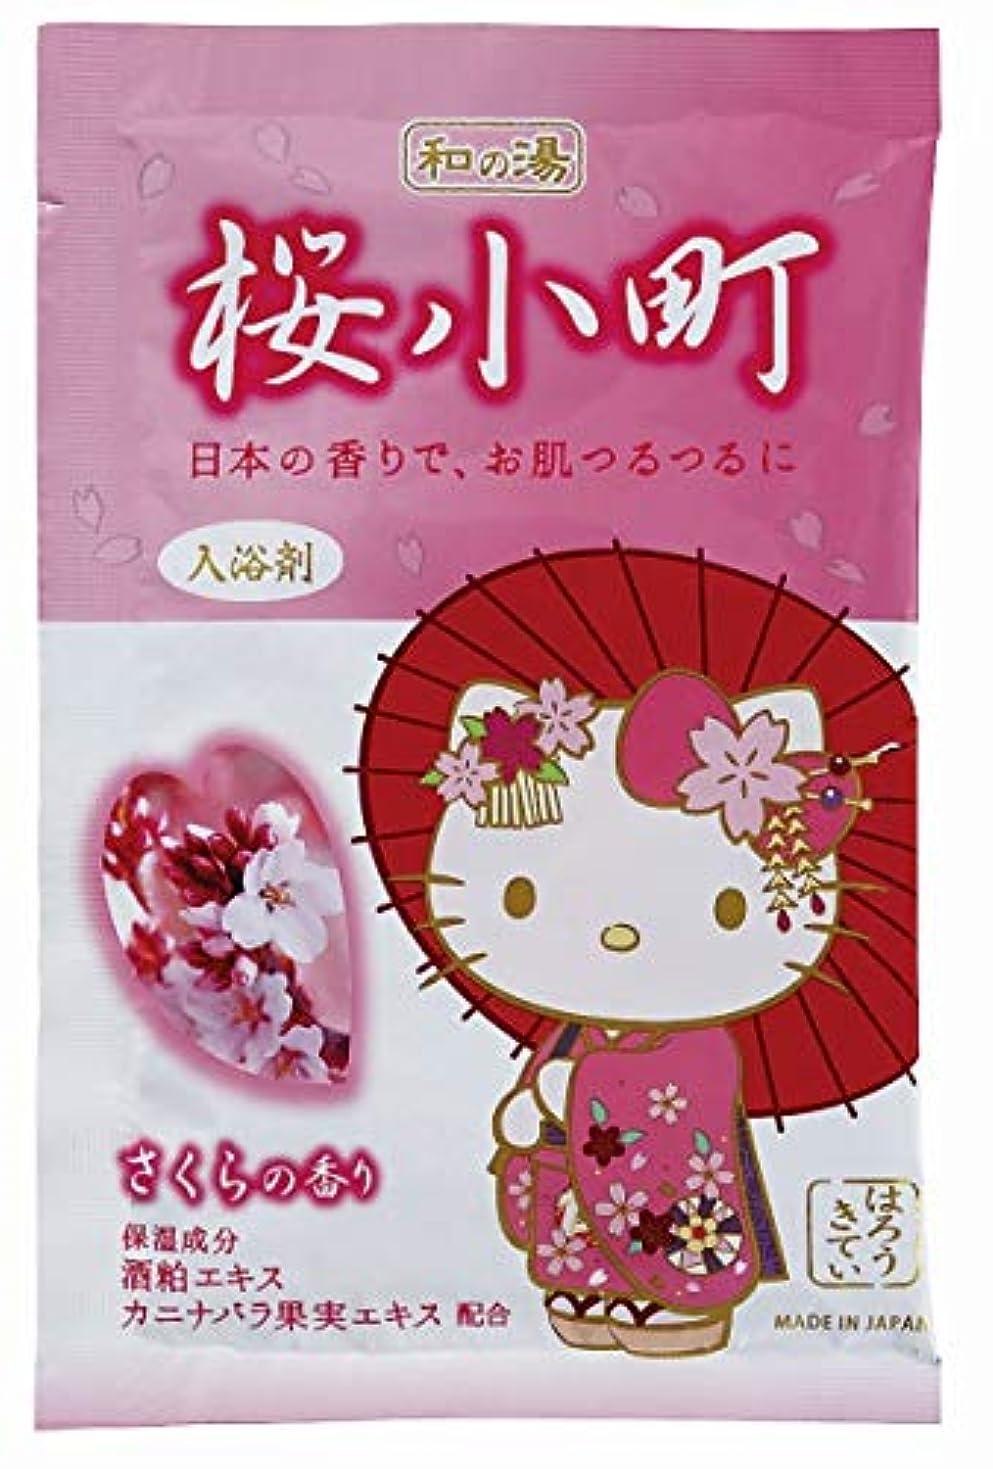 ベッドを作る女優を必要としています日本製 made in japan ハローキティ桜小町 N-8722【まとめ買い12個セット】